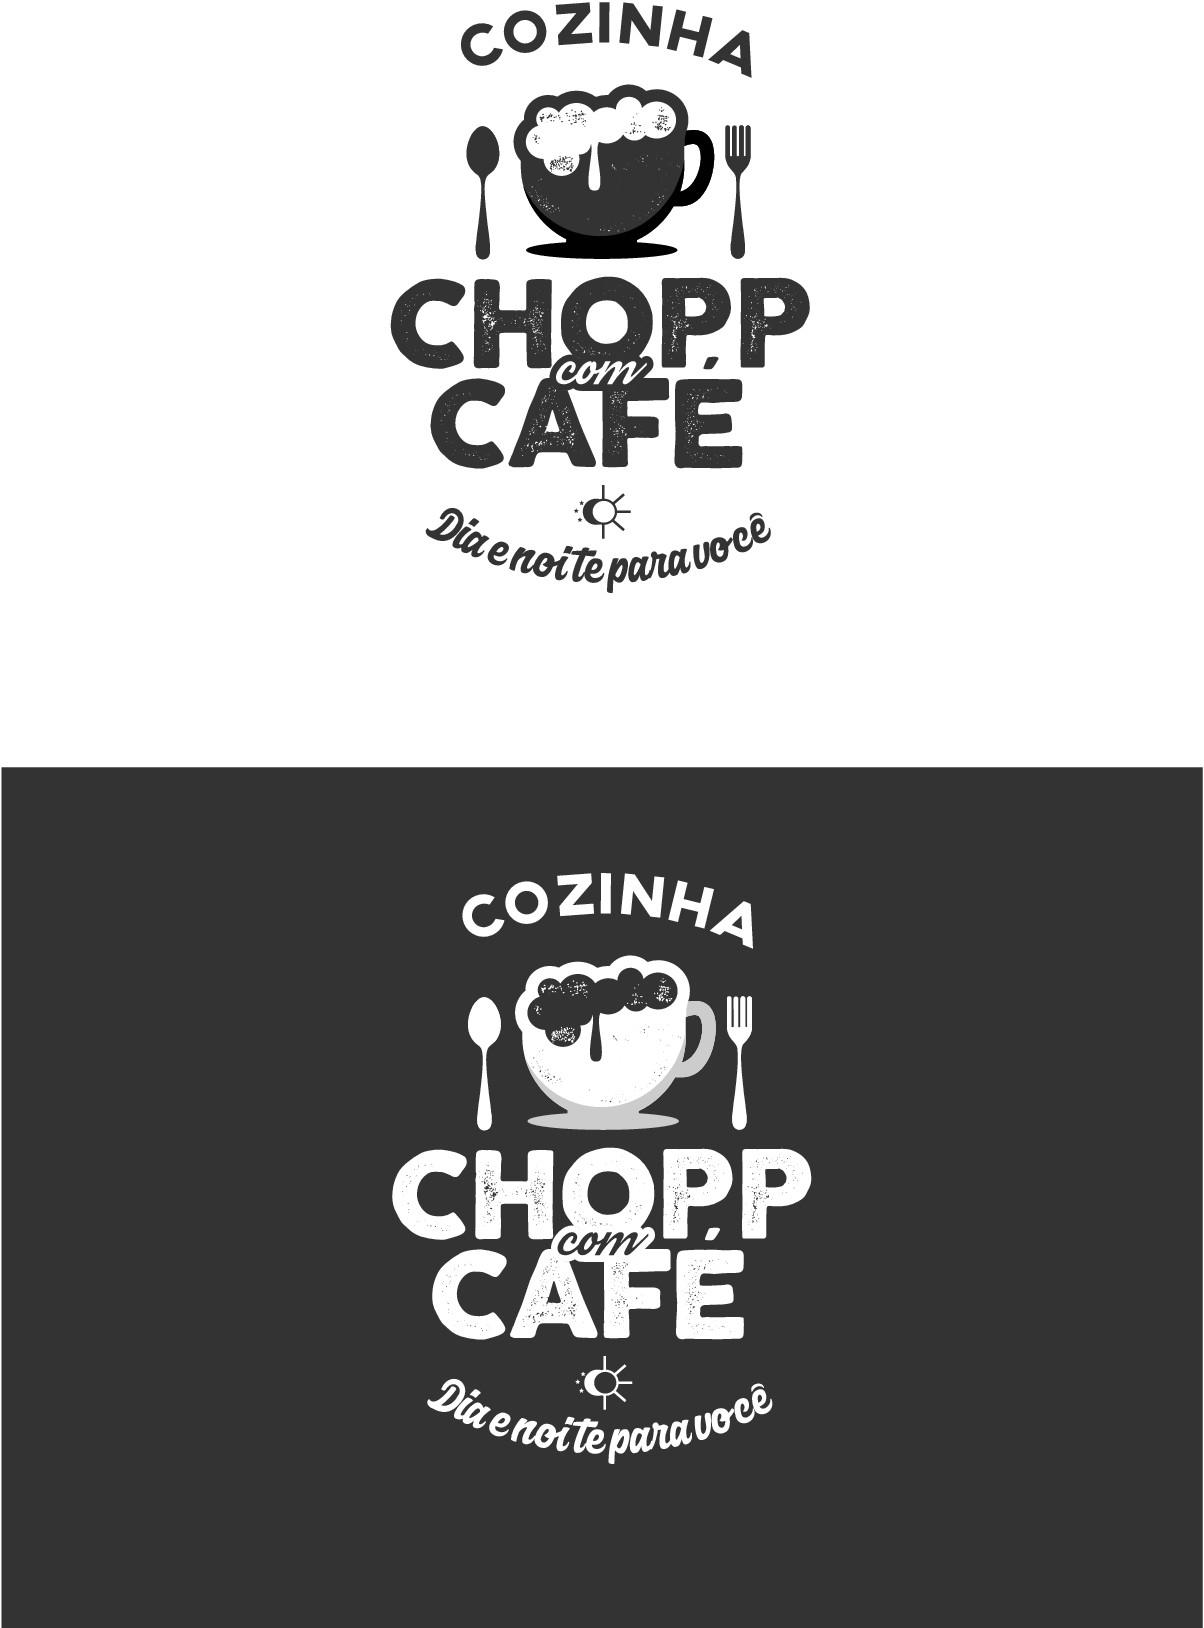 cozinha - Chopp com Café